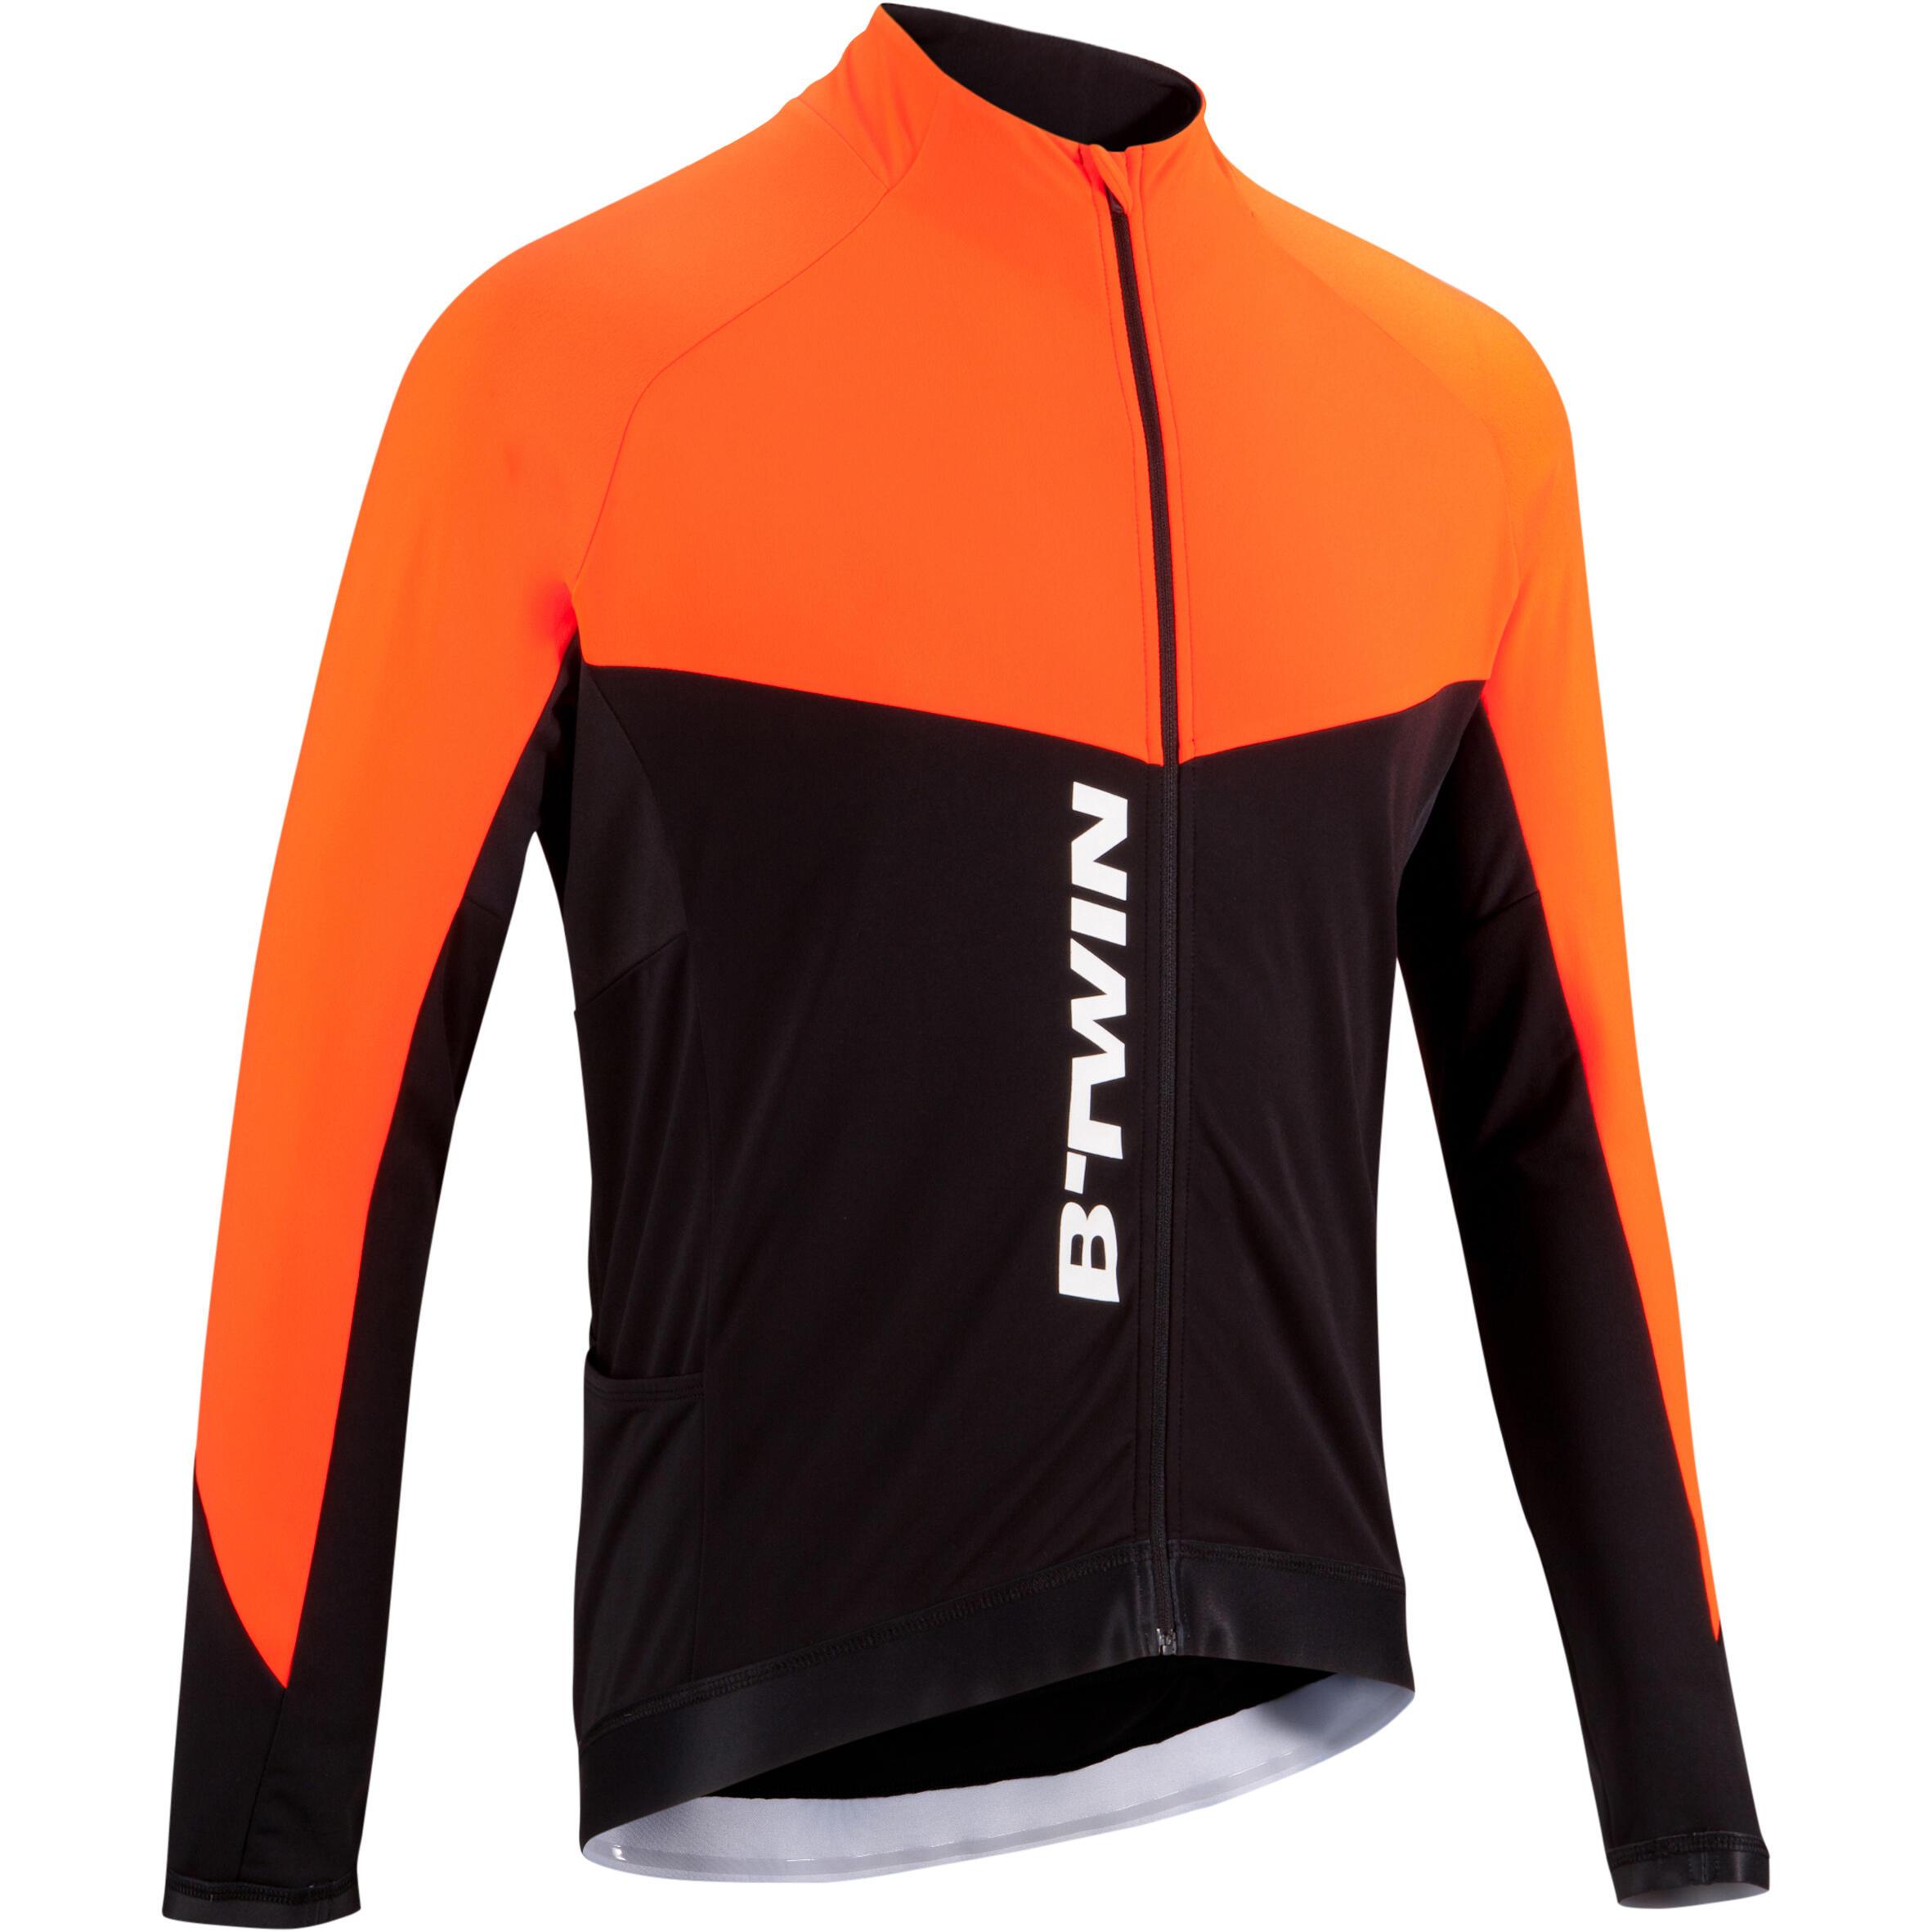 Fahrradtrikot Langarm 900 Herren orange | Sportbekleidung > Trikots > Fahrradtrikots | Rot - Orange | Triban